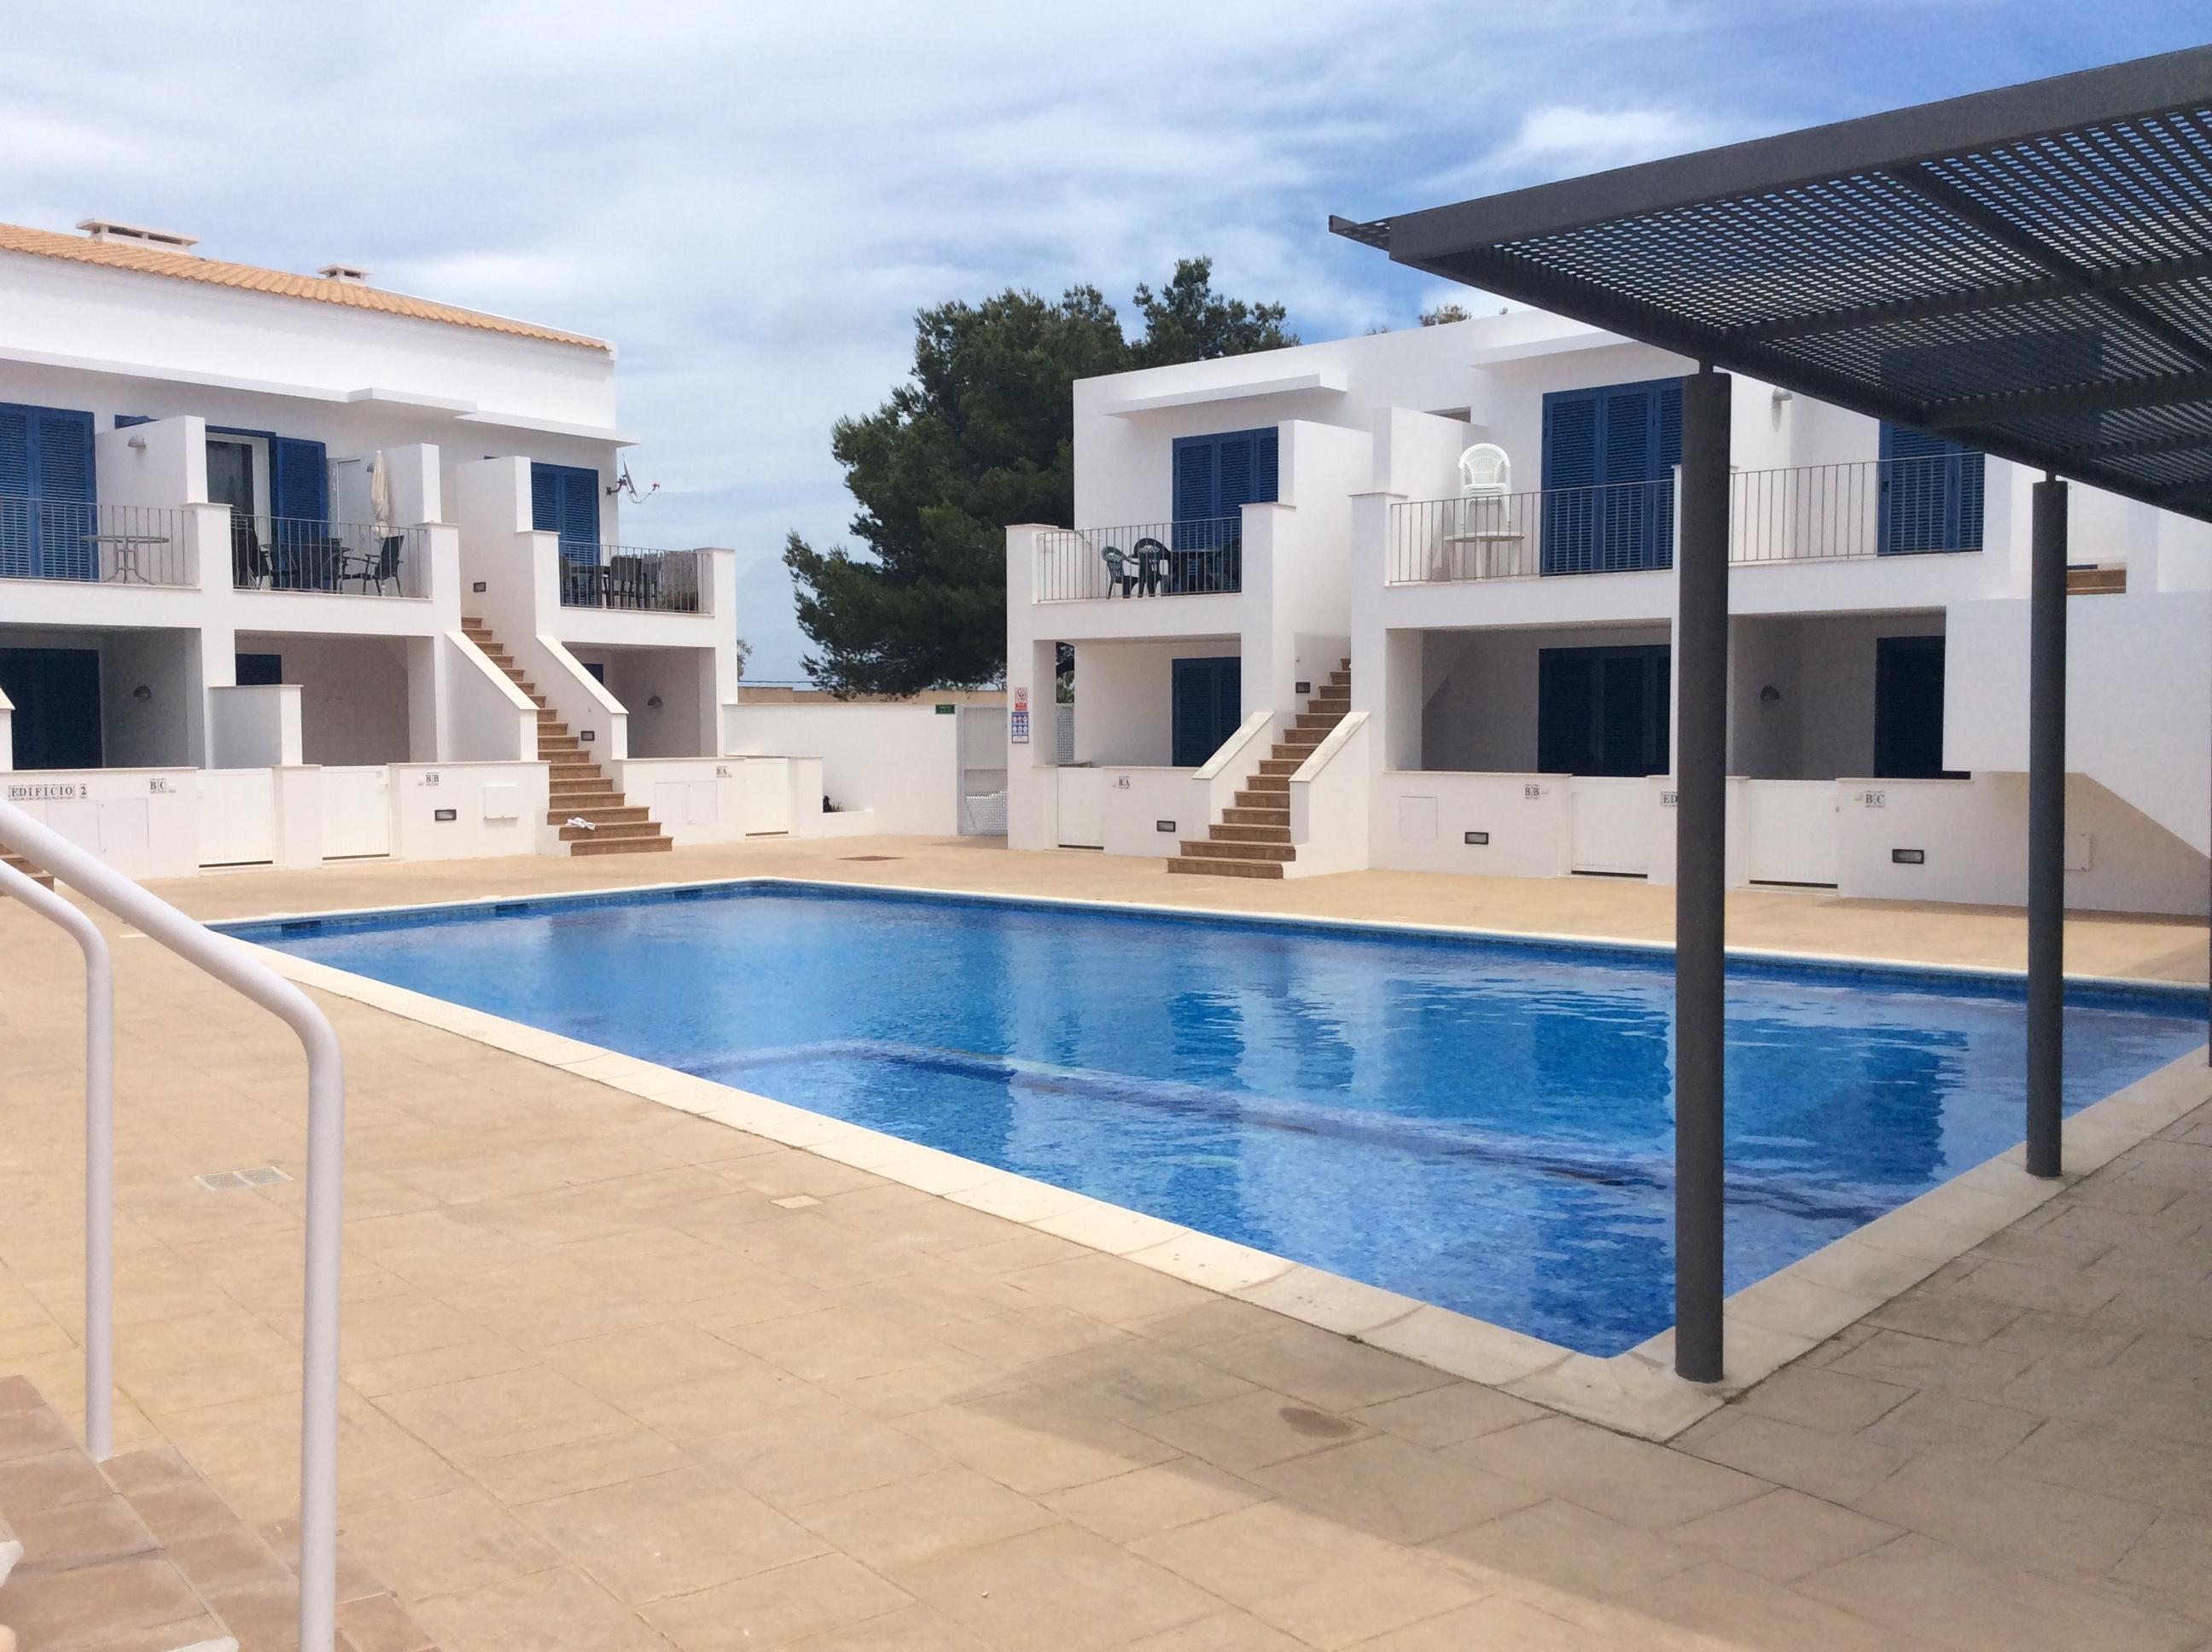 Badkamer Op Formentera : El paraïso blanco formentera mijn tips ibiza